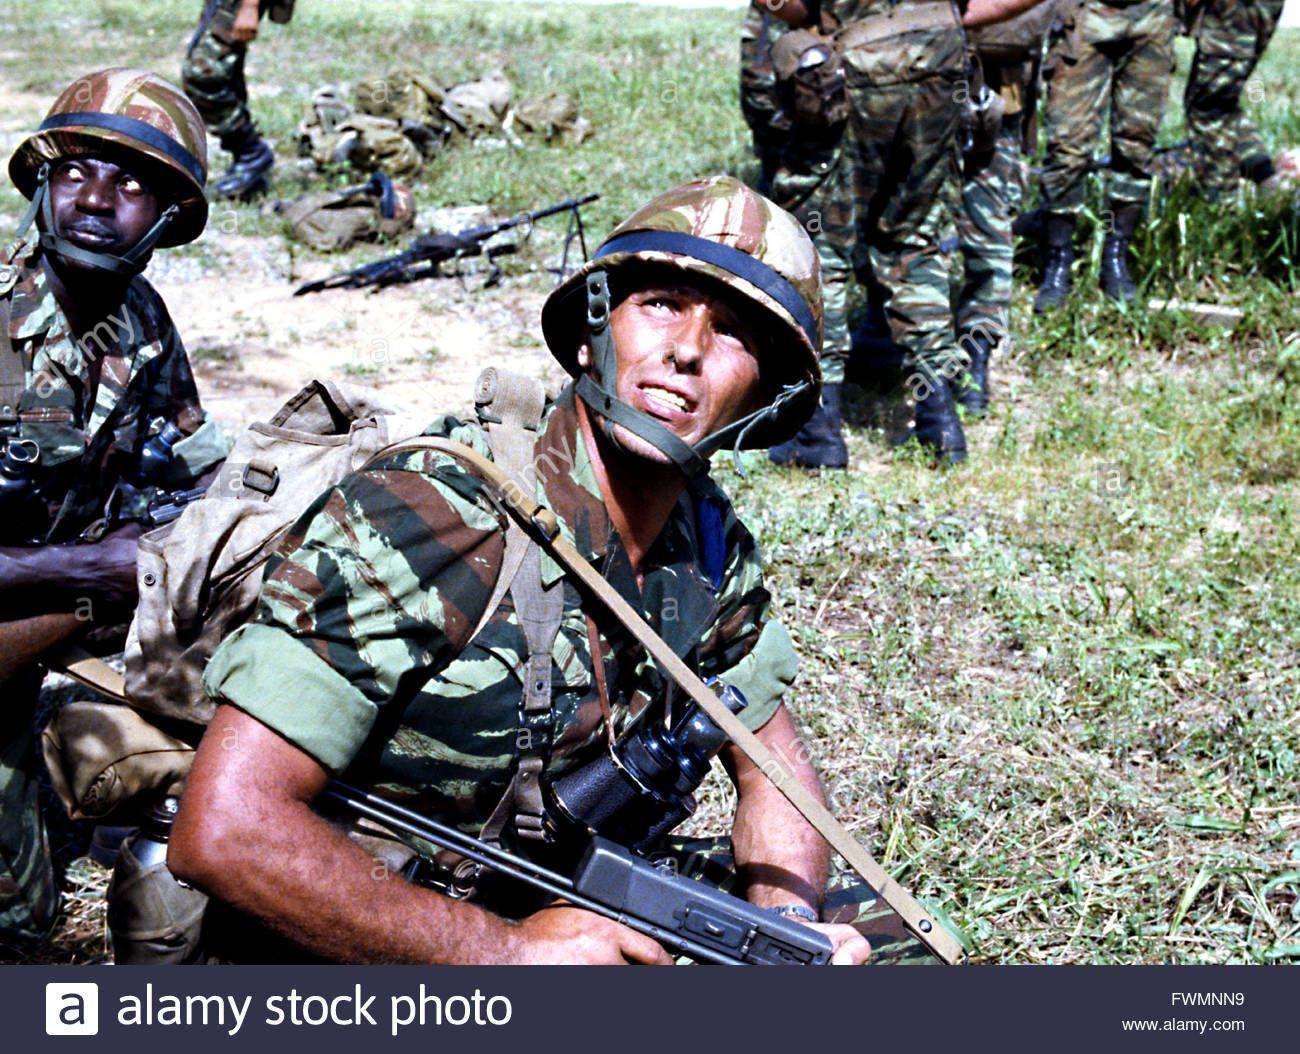 La Légion Saute Sur Kolwezi 1980 Réal : Raoul Coutard Guiliano Gemma Stock Photo, Royalty Free Image: 101874341 - Alamy